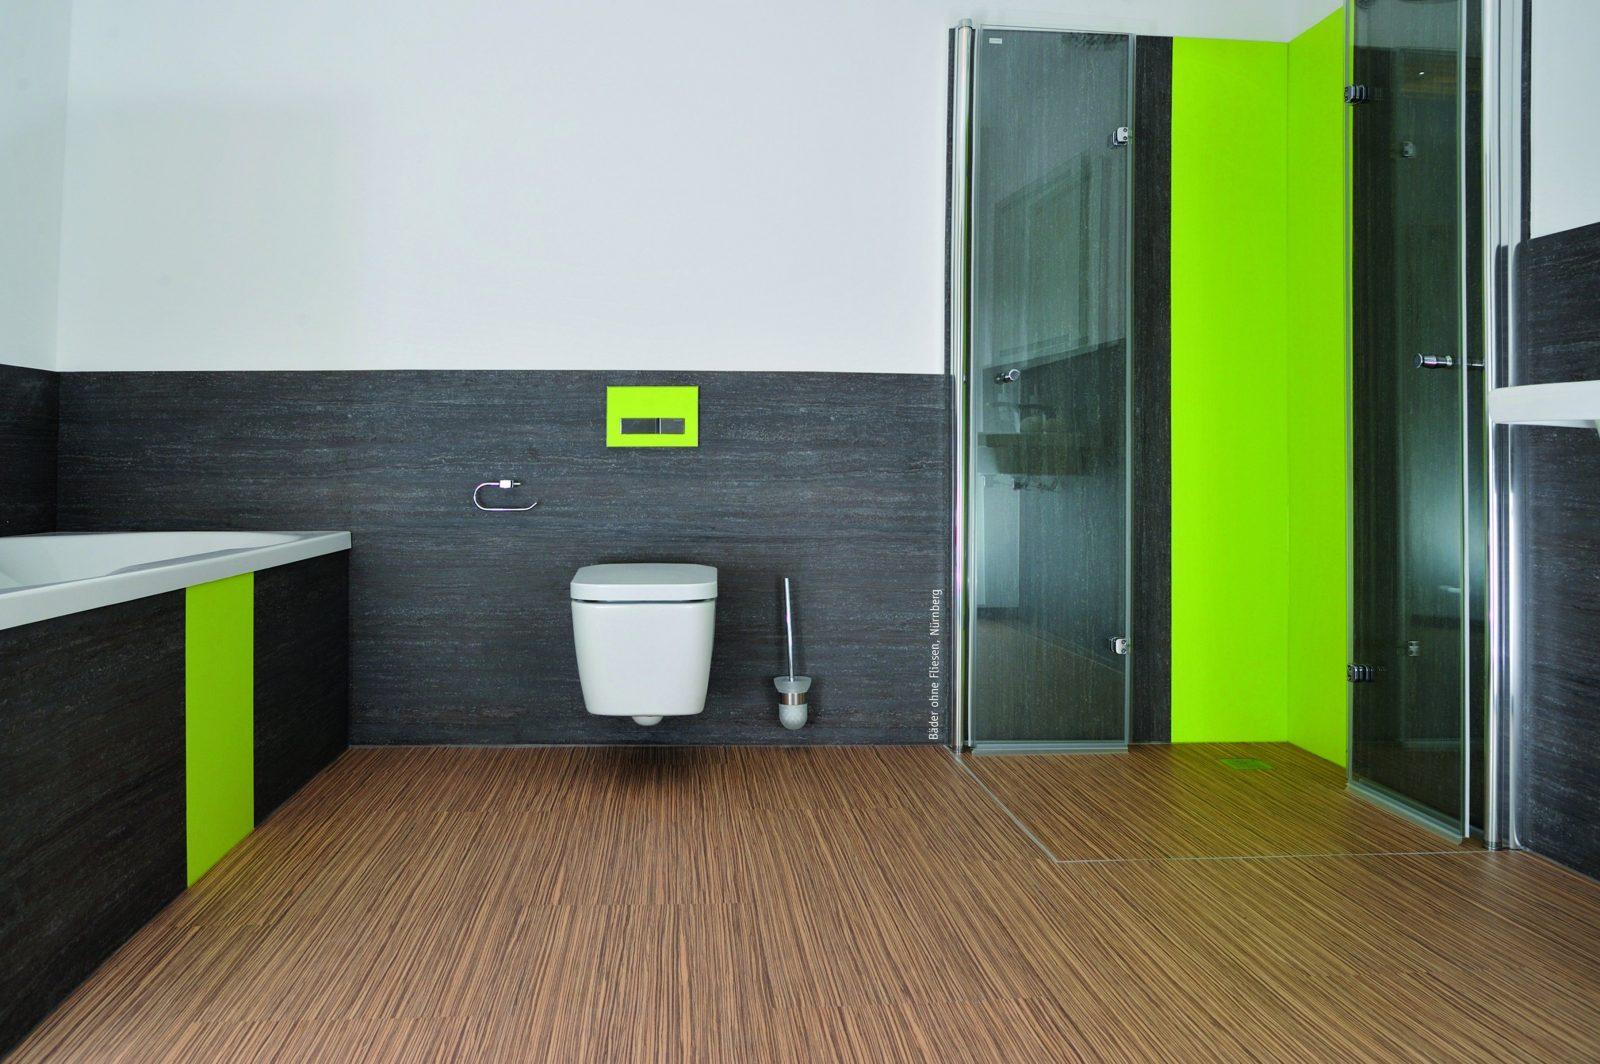 Bad Fliesen Wandgestaltung Einfach Bad Wandgestaltung Ohne Fliesen von Badezimmer Wandgestaltung Ohne Fliesen Photo